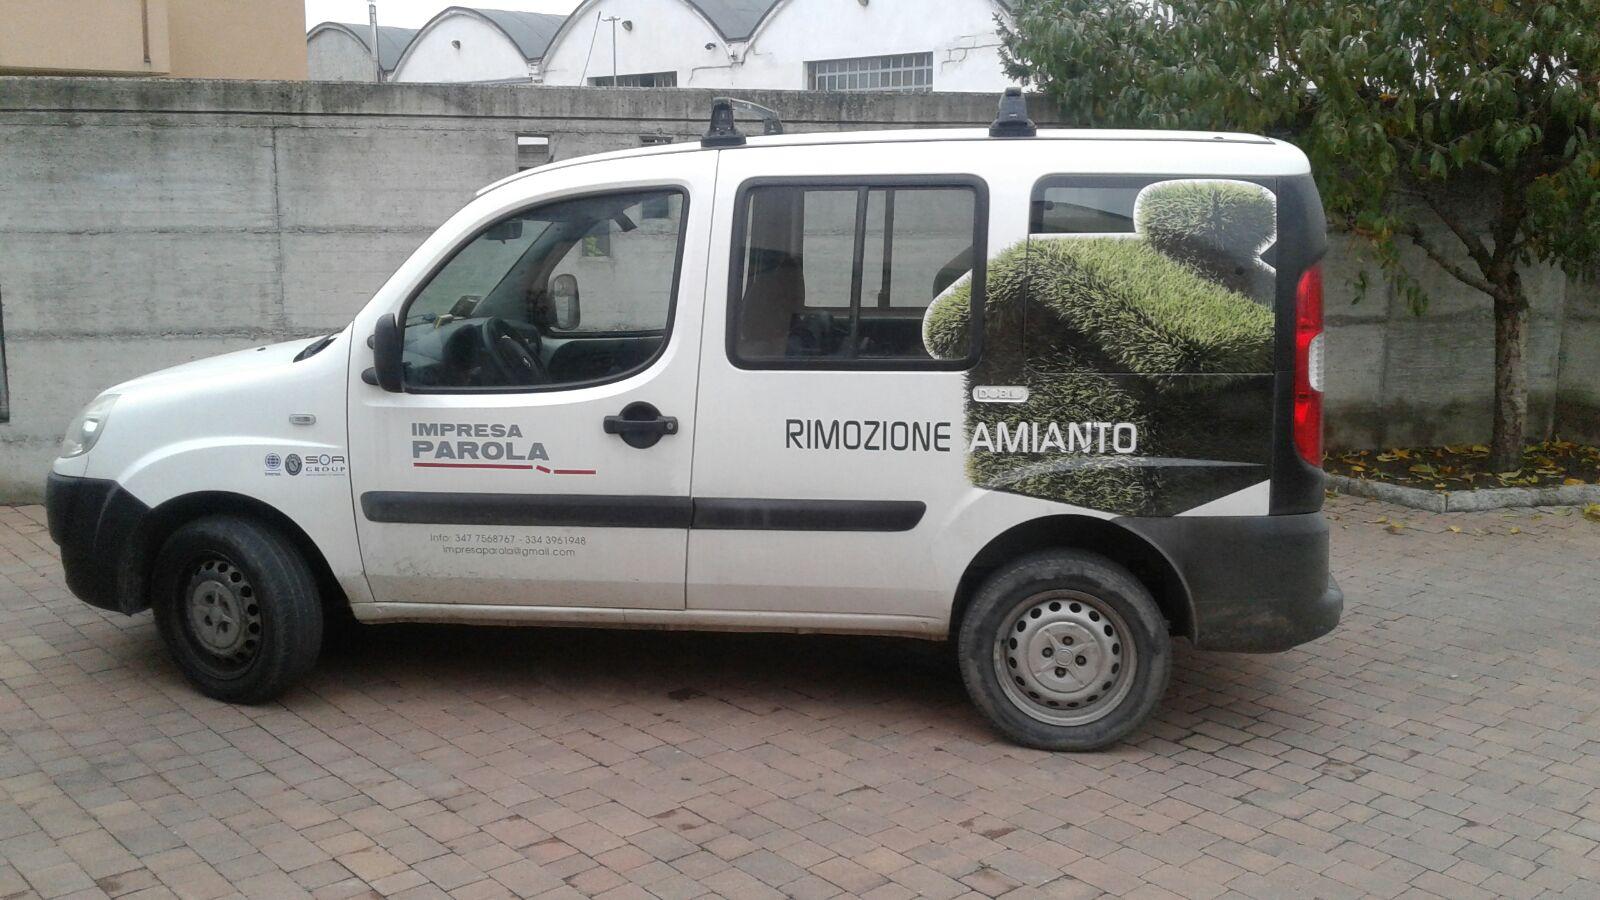 mezzo per rimozione amianto